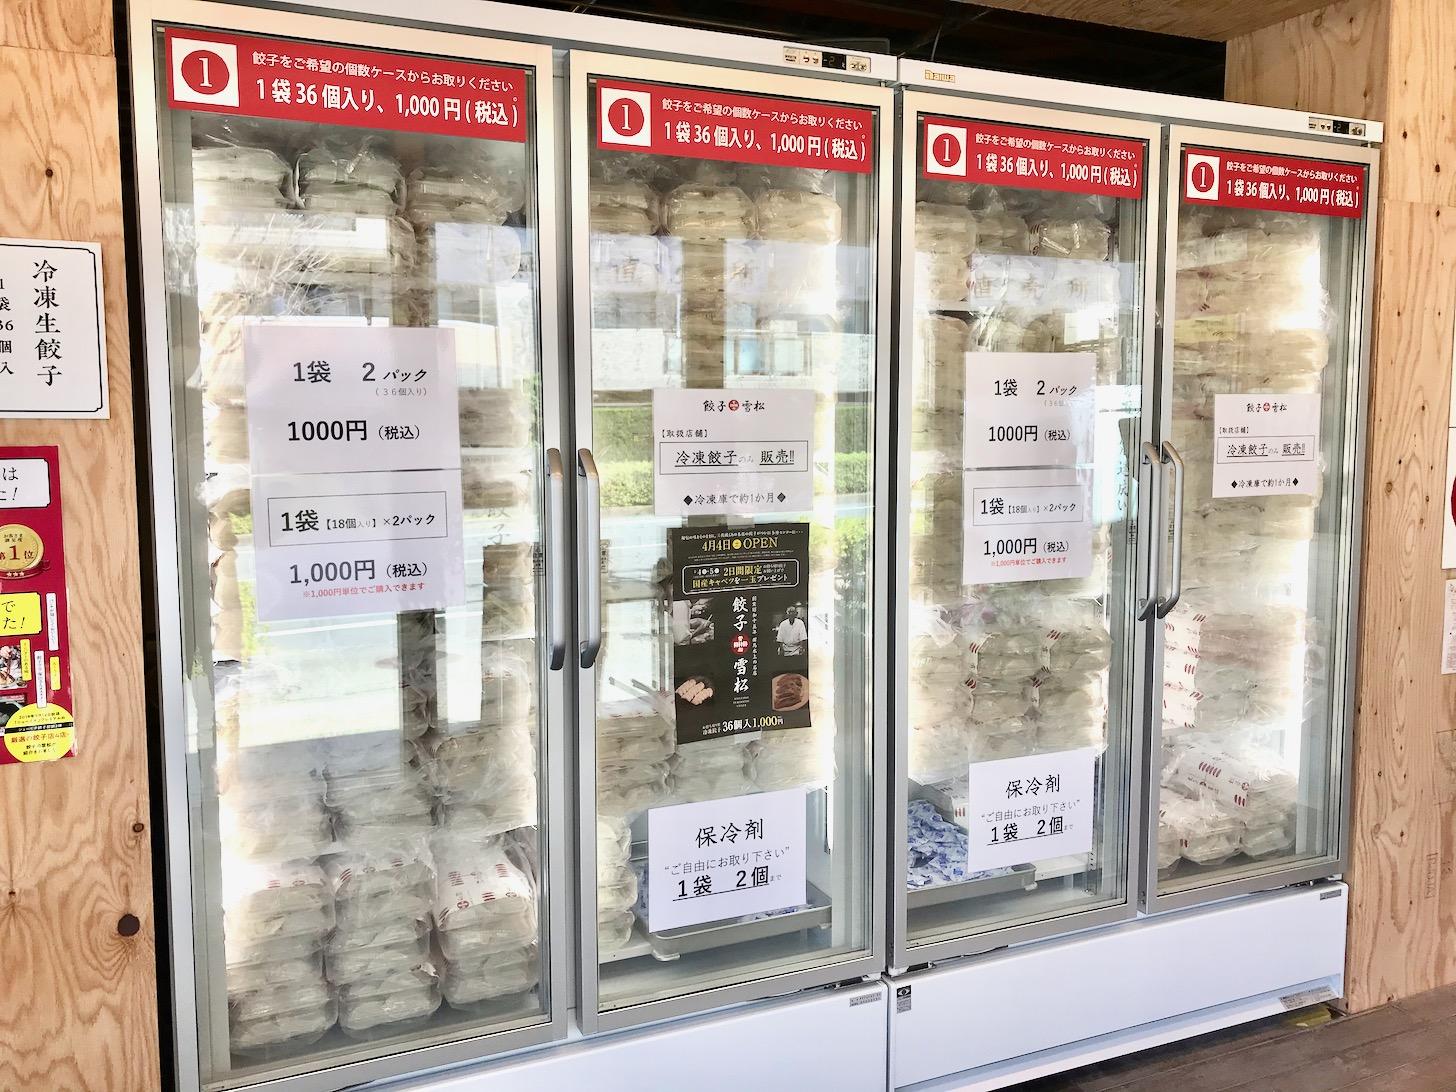 餃子の雪松 多摩センター店 内観